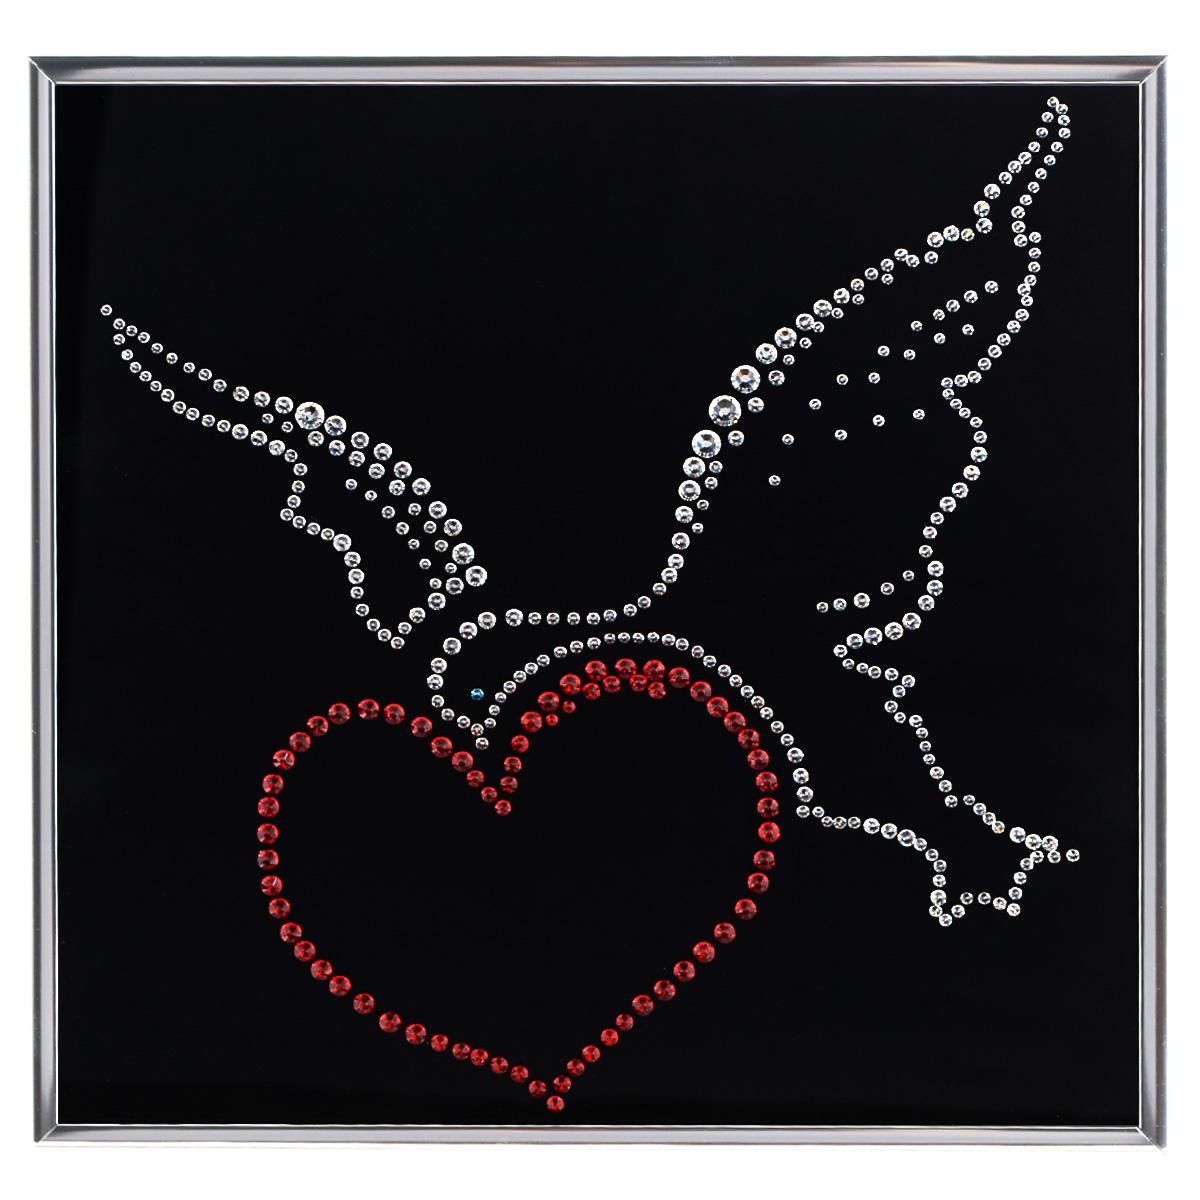 Картина с кристаллами Swarovski Птица счастья, 25 см х 25 см1253Изящная картина в металлической раме, инкрустирована кристаллами Swarovski, которые отличаются четкой и ровной огранкой, ярким блеском и чистотой цвета. Красочное изображение сердца с птицей, расположенное под стеклом, прекрасно дополняет блеск кристаллов. С обратной стороны имеется металлическая петелька для размещения картины на стене.Картина с кристаллами Swarovski Птица счастья элегантно украсит интерьер дома или офиса, а также станет прекрасным подарком, который обязательно понравится получателю. Блеск кристаллов в интерьере, что может быть сказочнее и удивительнее.Картина упакована в подарочную картонную коробку синего цвета и комплектуется сертификатом соответствия Swarovski. Количество кристаллов: 352 шт.Размер картины: 25 см х 25 см.